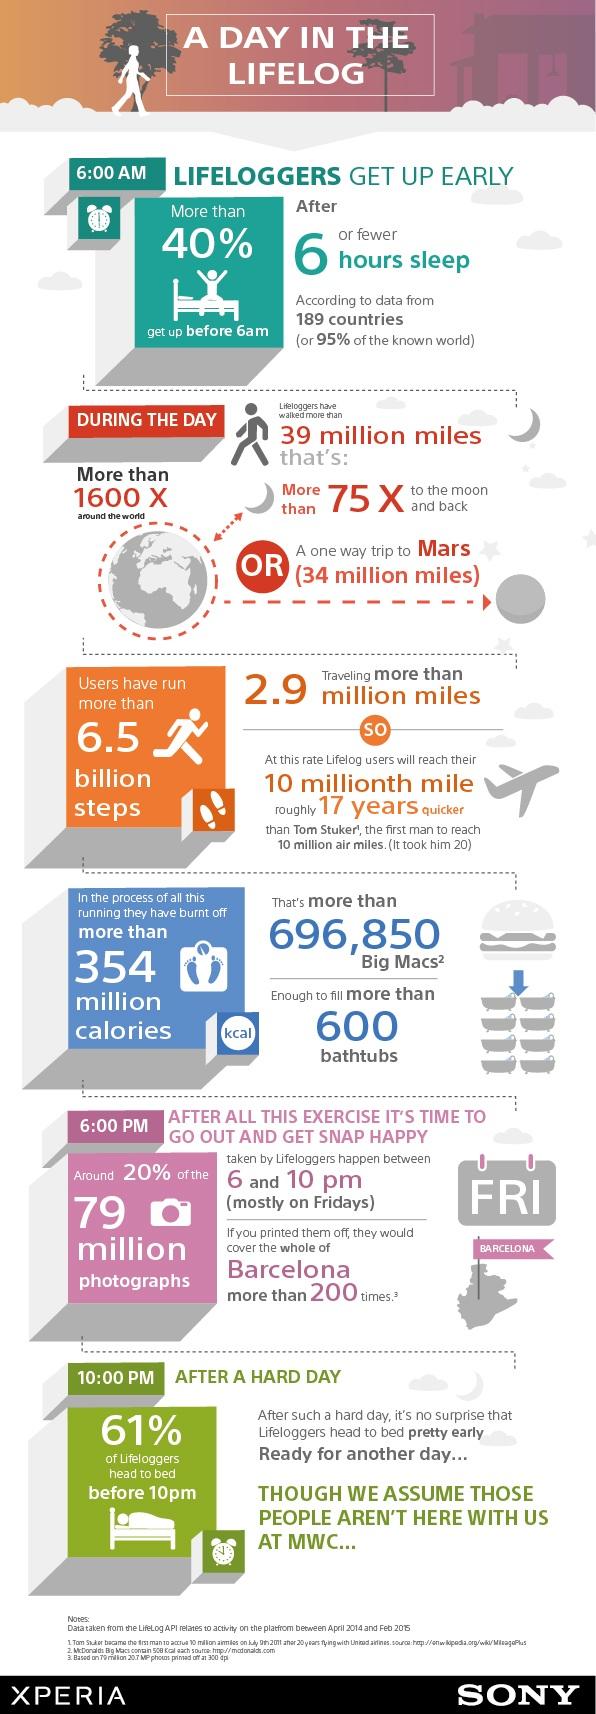 Lifelog infographic - Sony Mobile lancia l'infografica che delinea il profilo degli utenti Lifelog